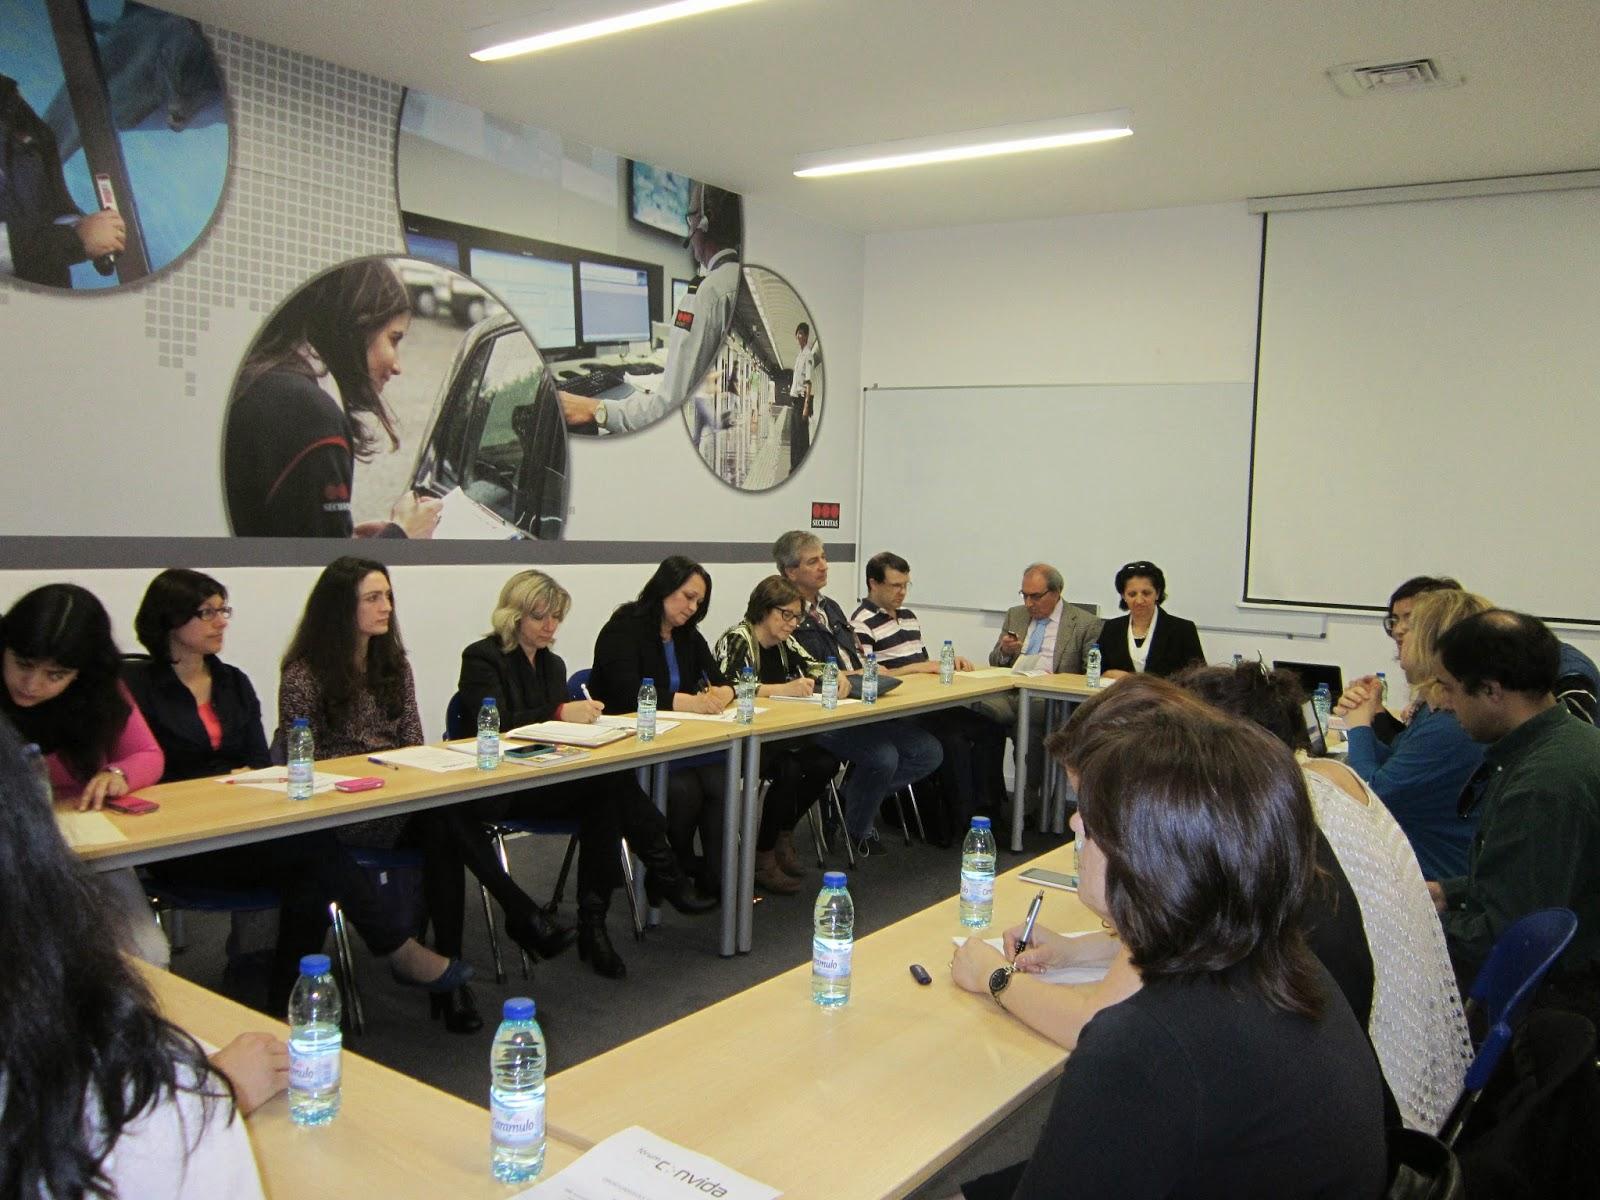 Fotografia geral da sala e dos participantes no Fórum